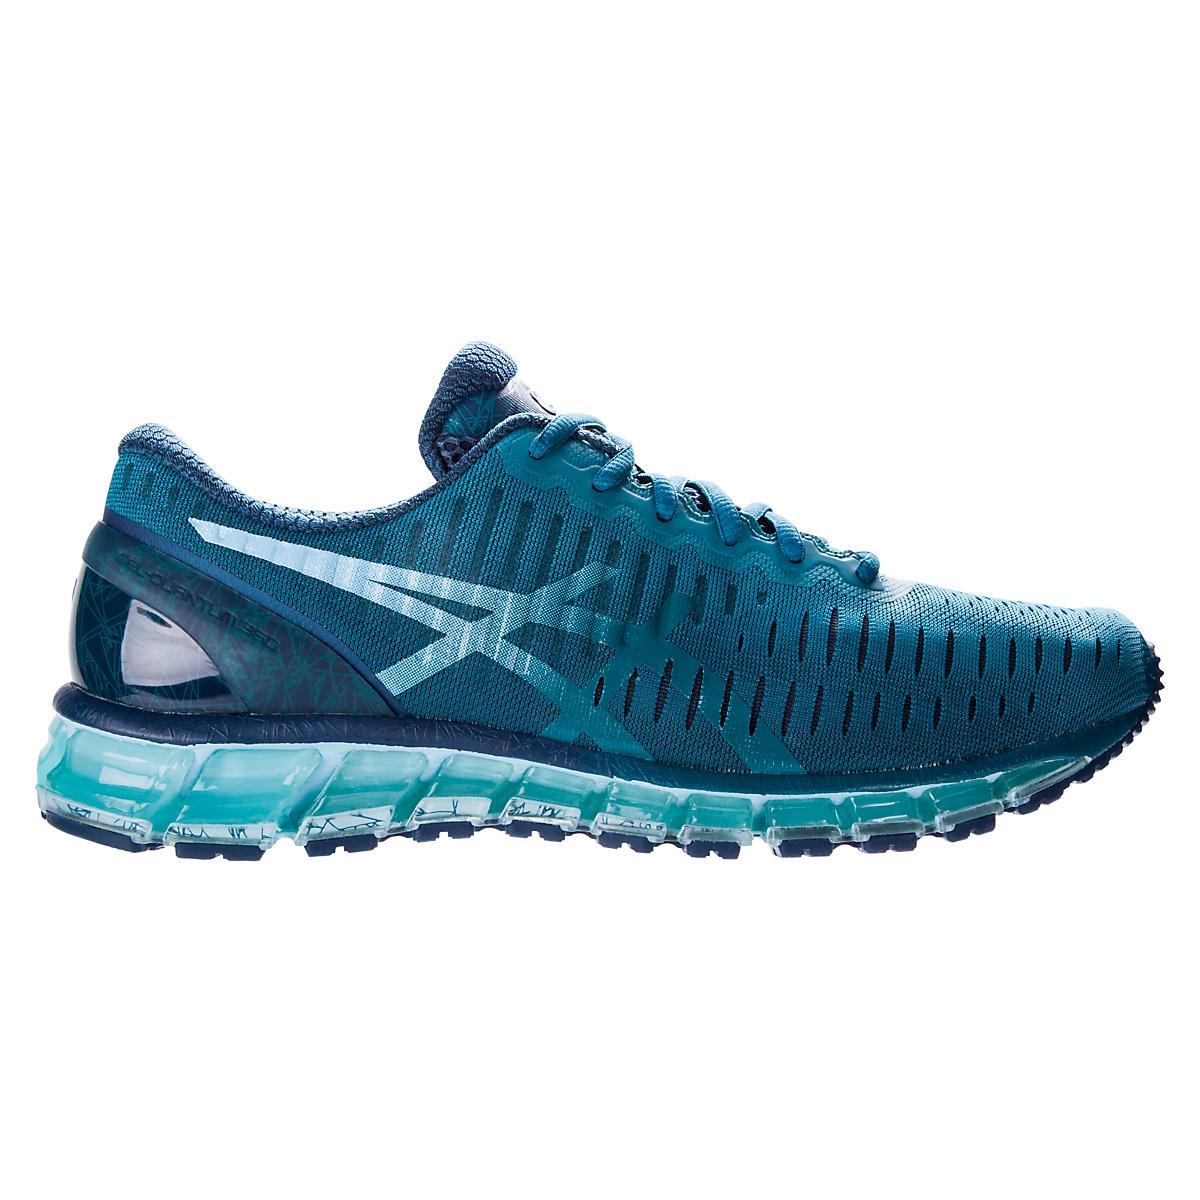 official photos e7ff2 3d21e Mens ASICS GEL-Quantum 360 Running Shoe at Road Runner Sports